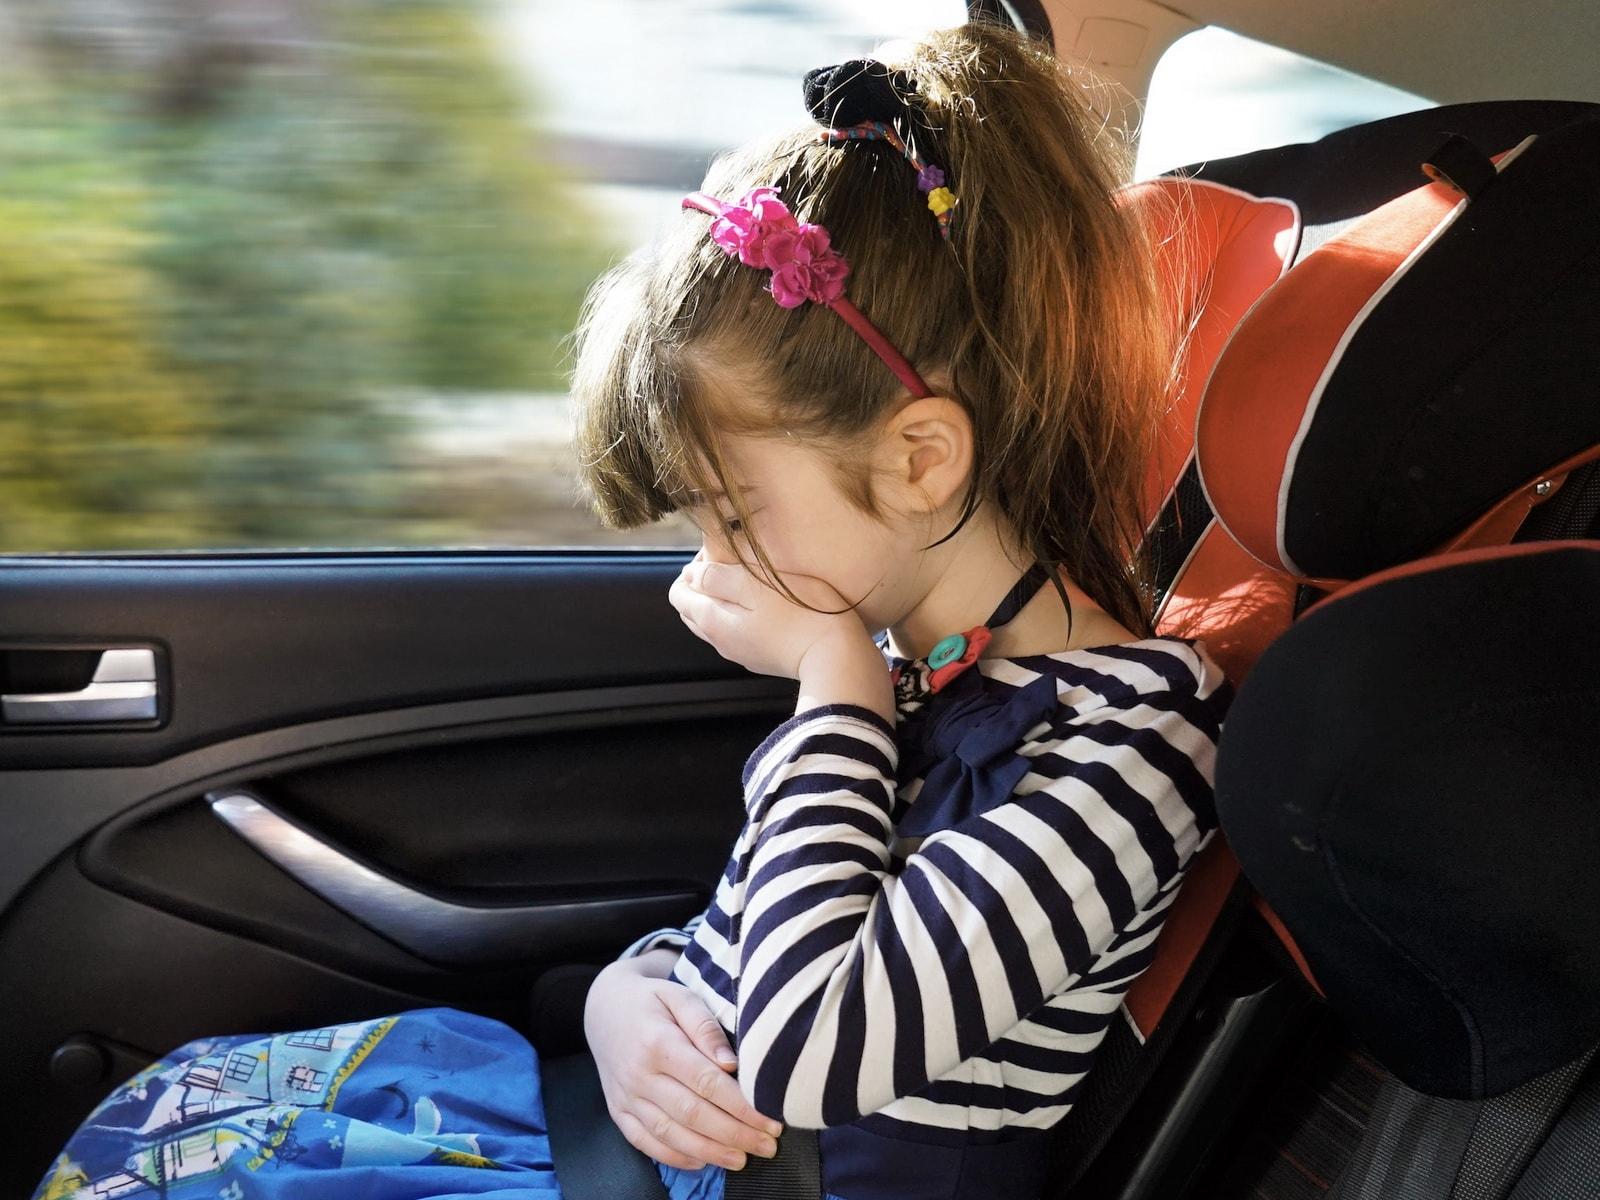 девочку укачивает в машине что делать